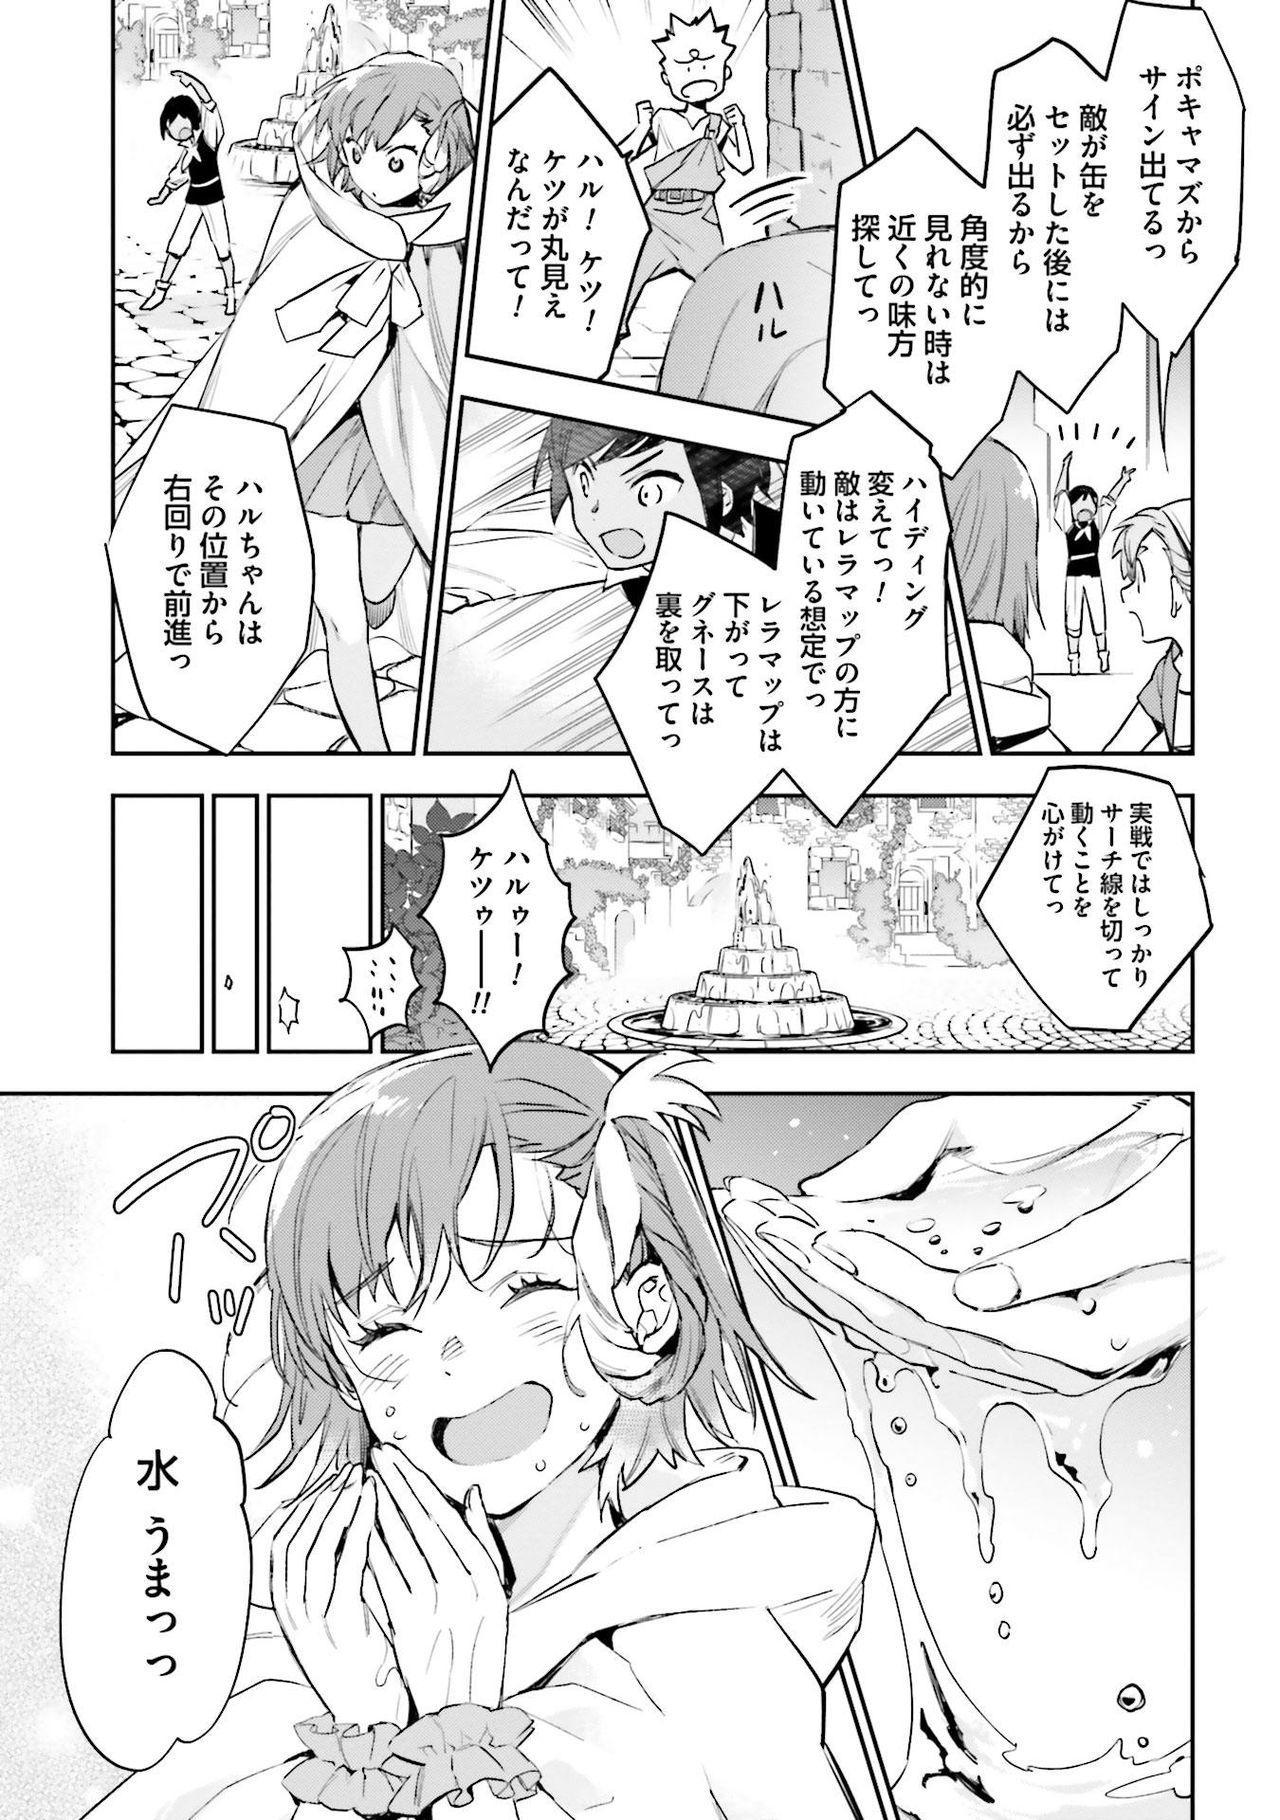 JK Haru wa Isekai de Shoufu ni Natta 1-14 376